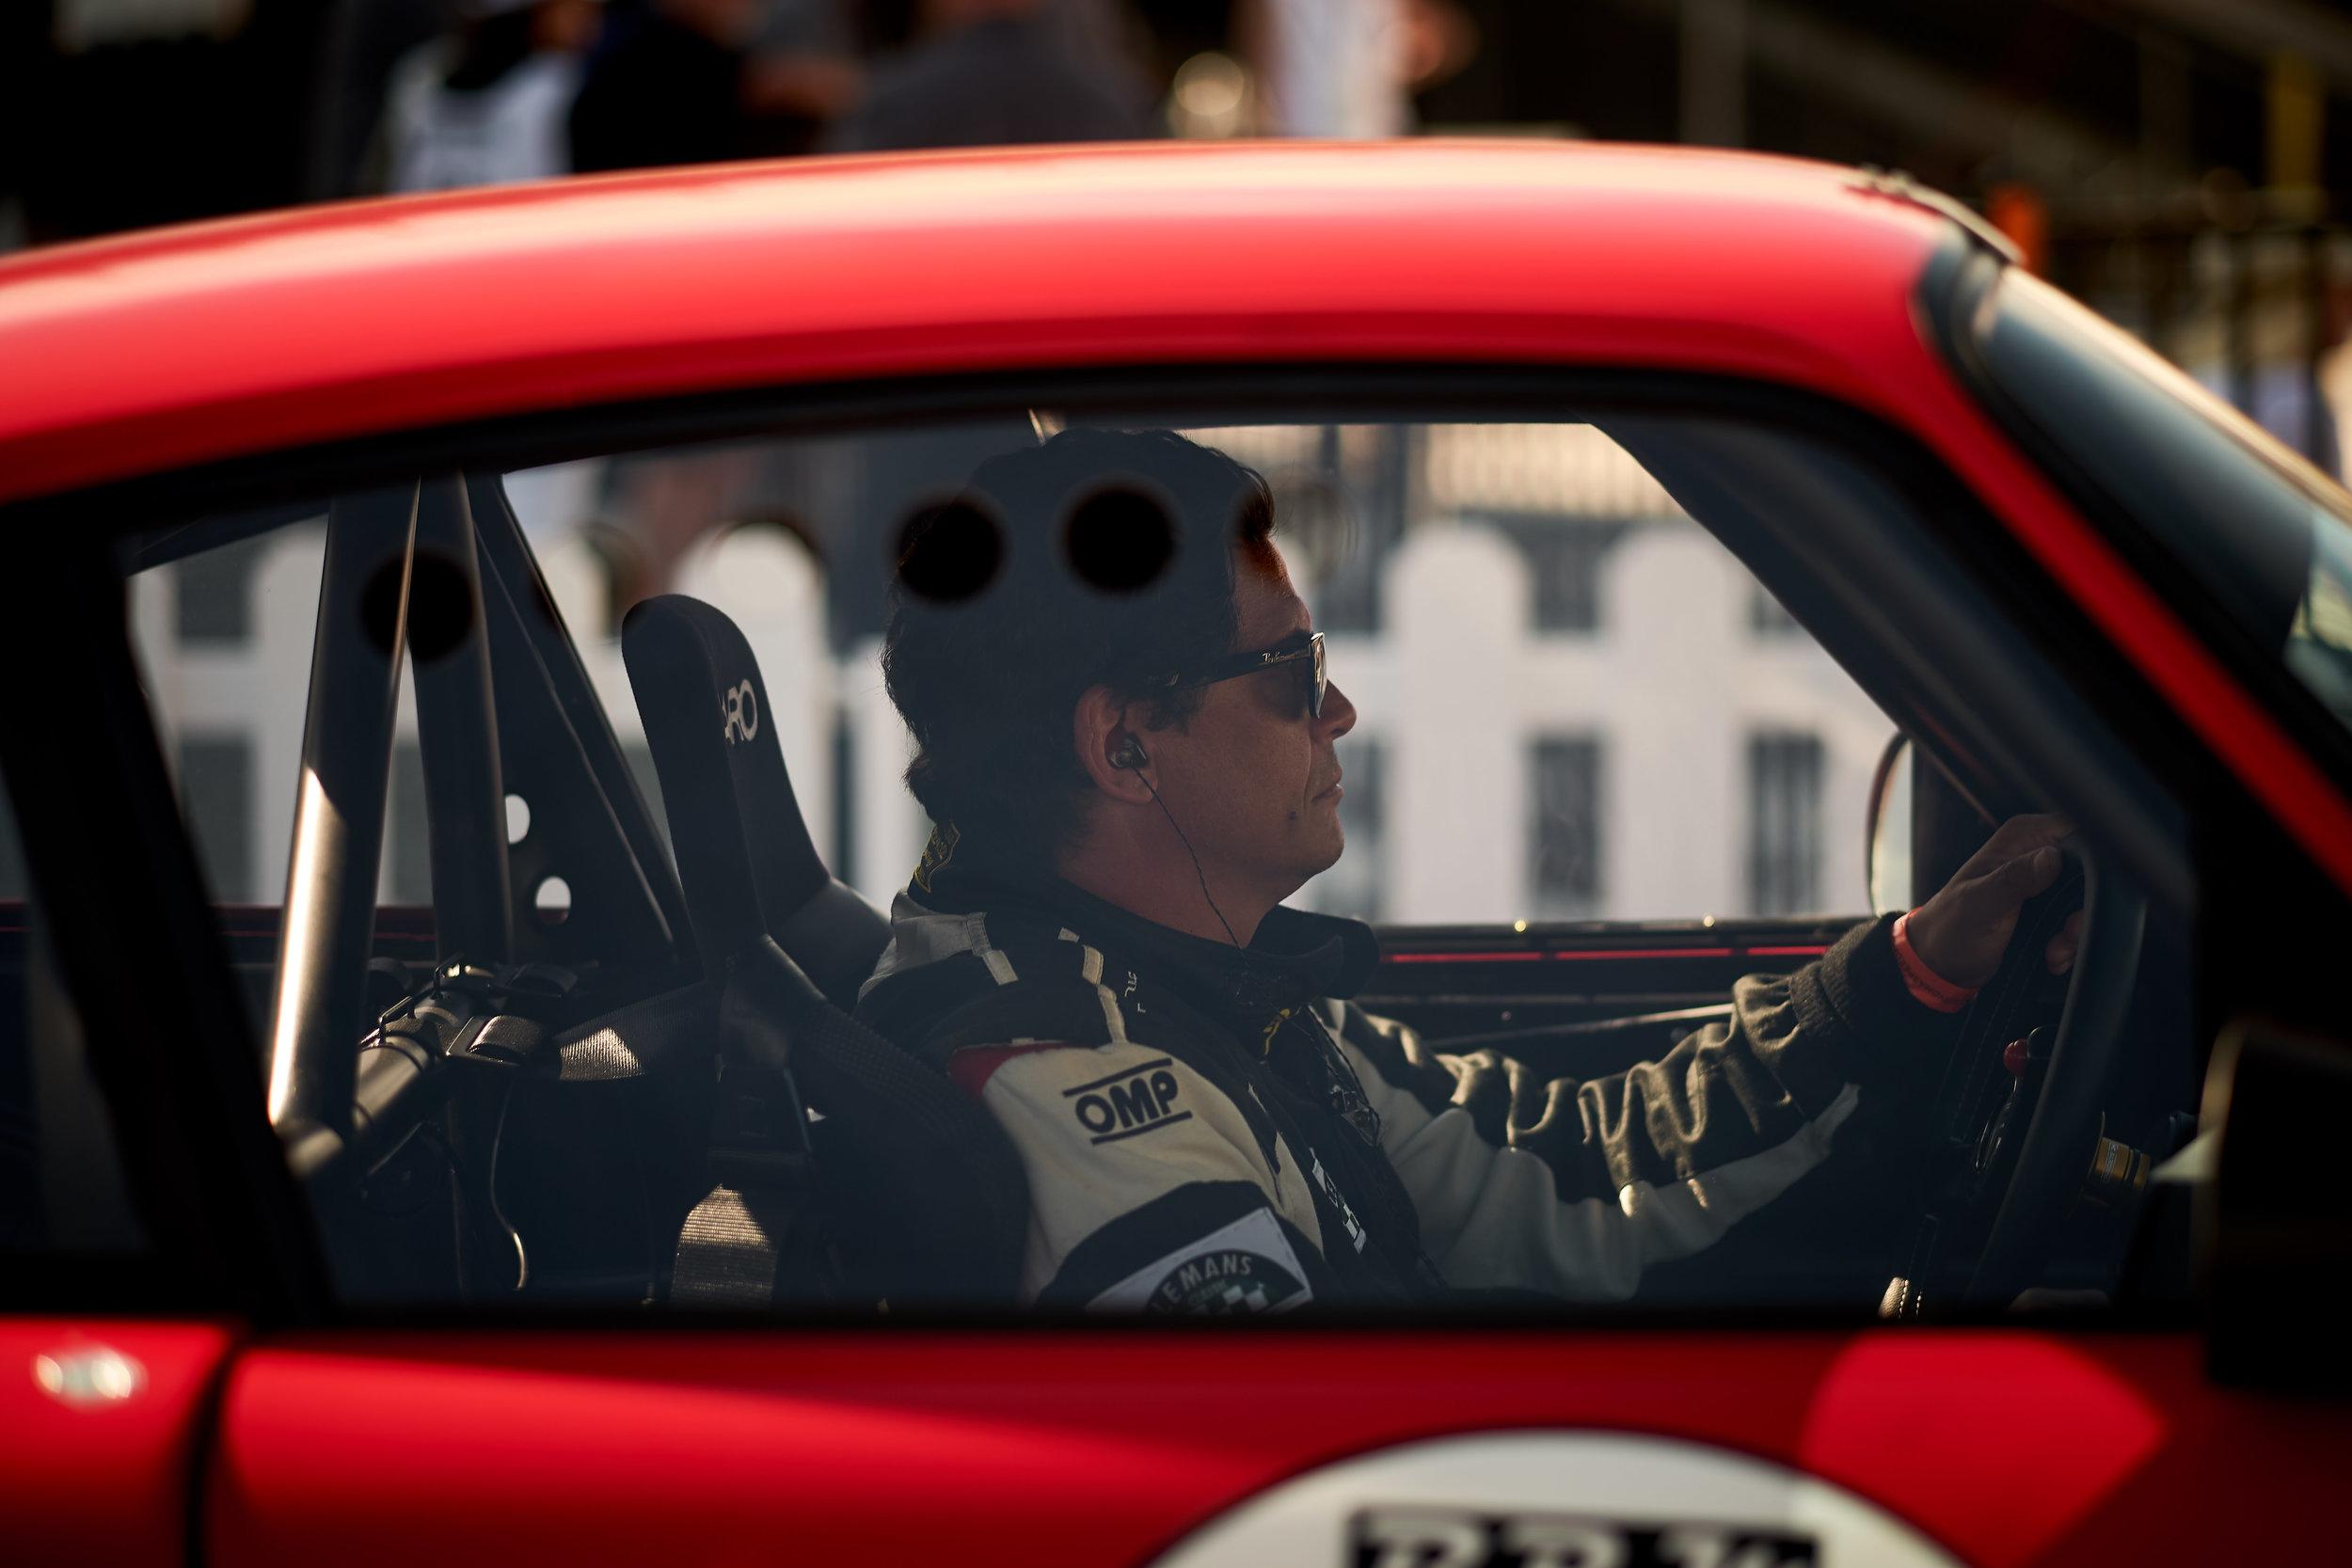 Martin Lauber focused, pre-grid in his 1975 Porsche Carrera RSR